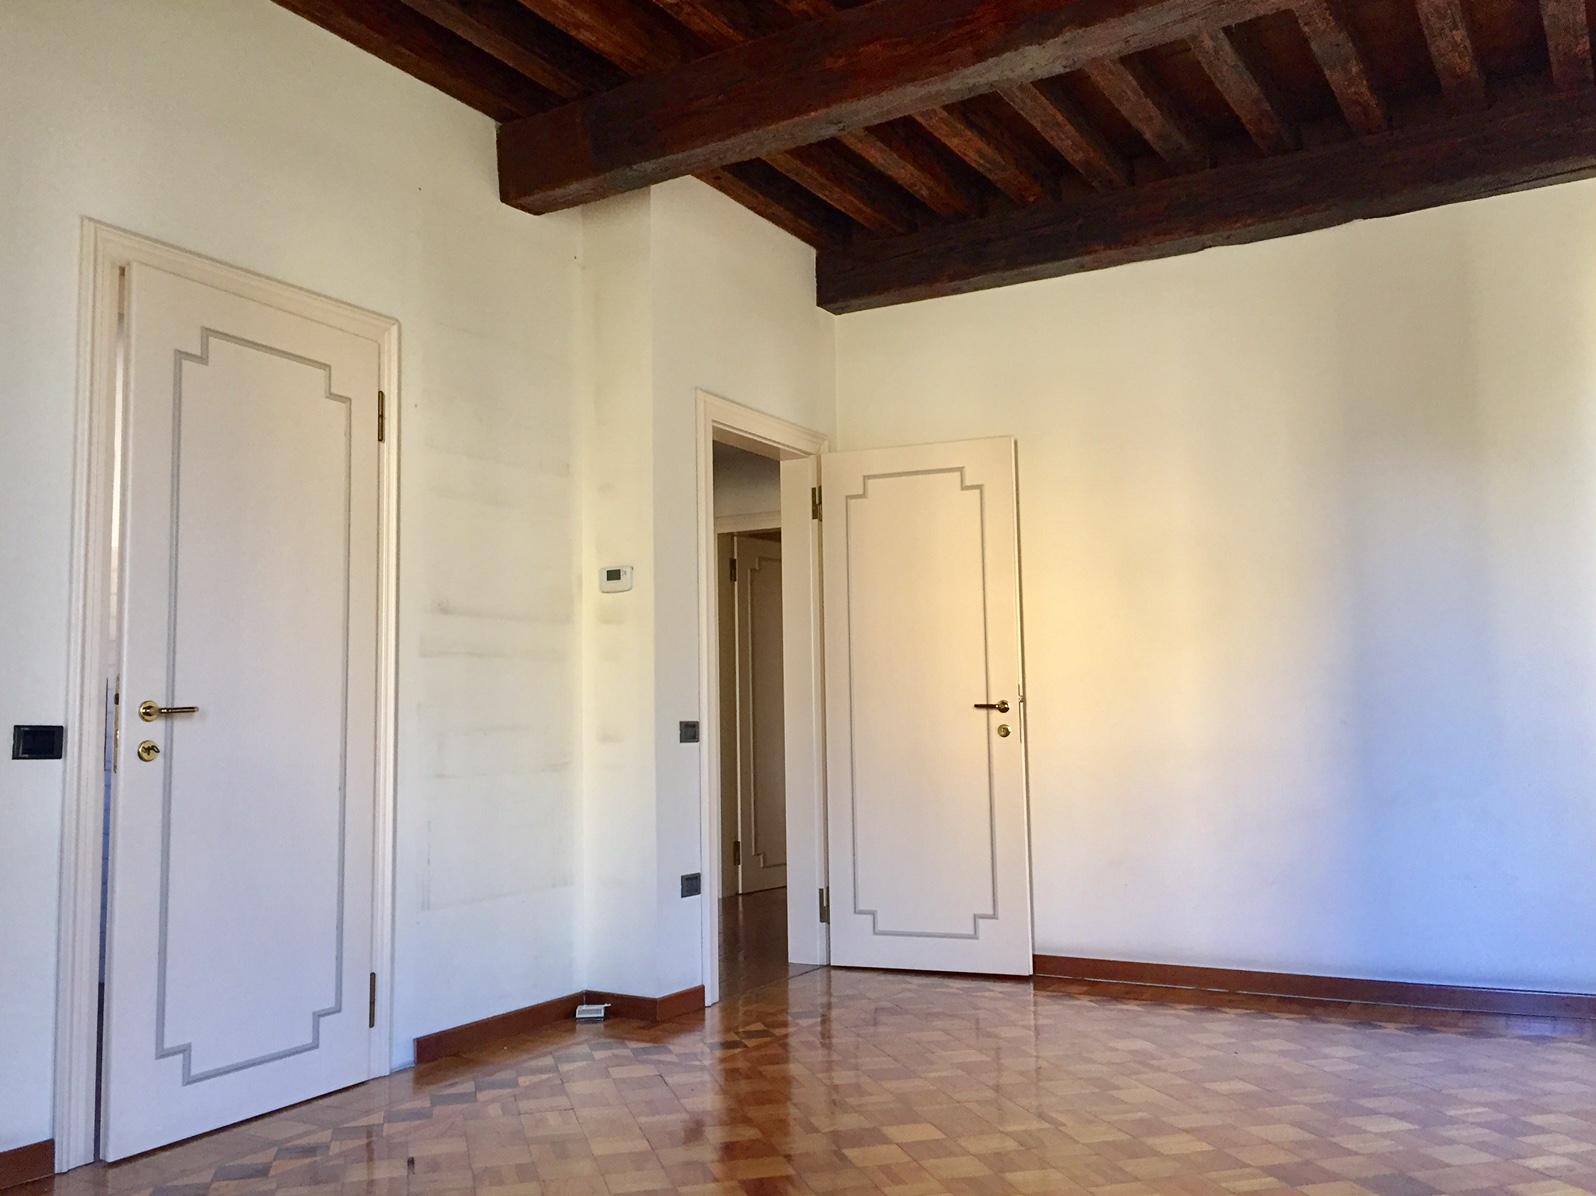 Appartamento in affitto a Treviso, 7 locali, zona Località: Centrostorico, prezzo € 1.350 | CambioCasa.it